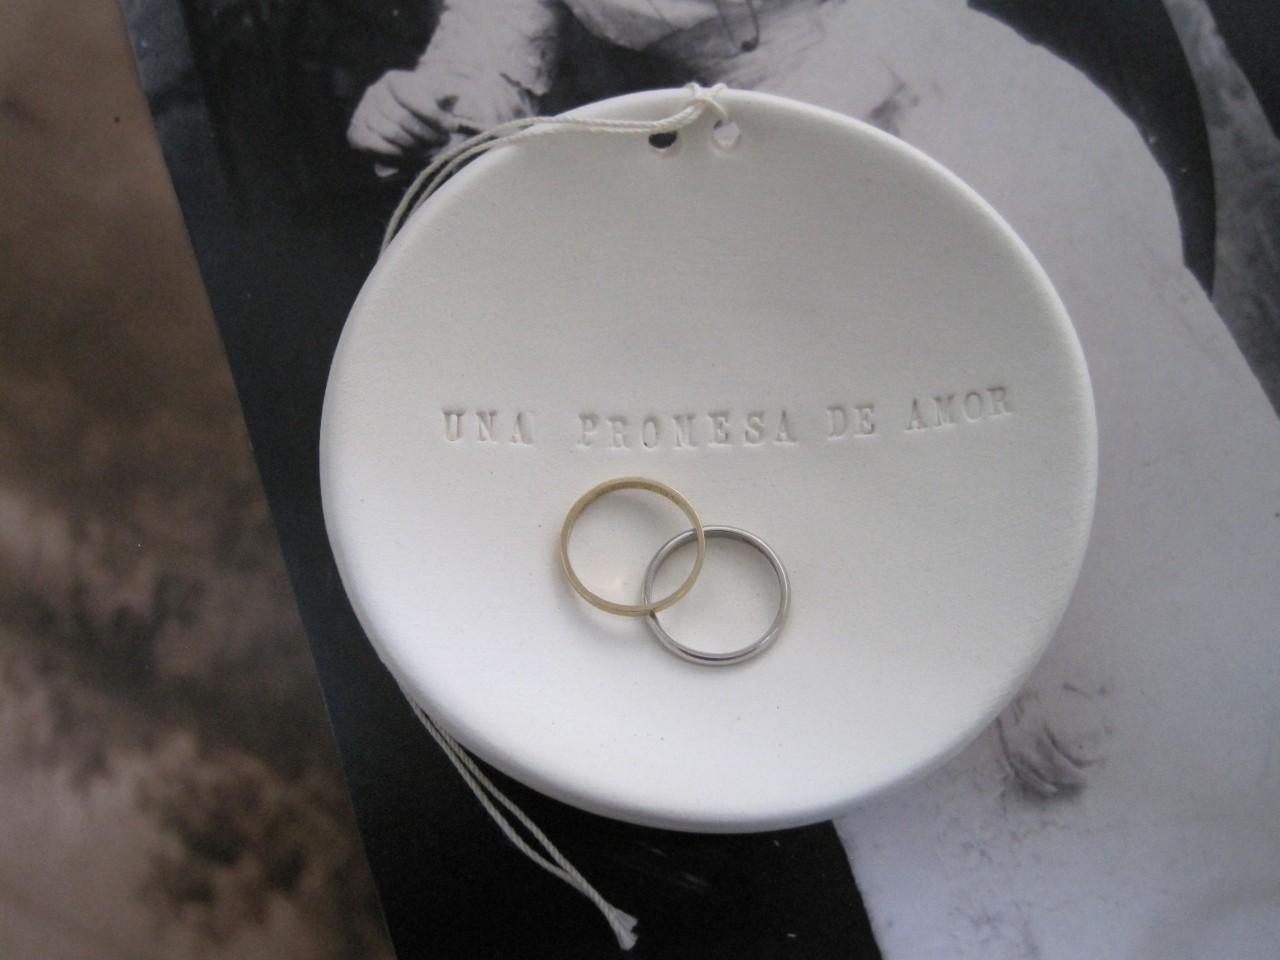 Oui Oui-plato anillos-paloma´s nest-porta anillos-una promesa de amor